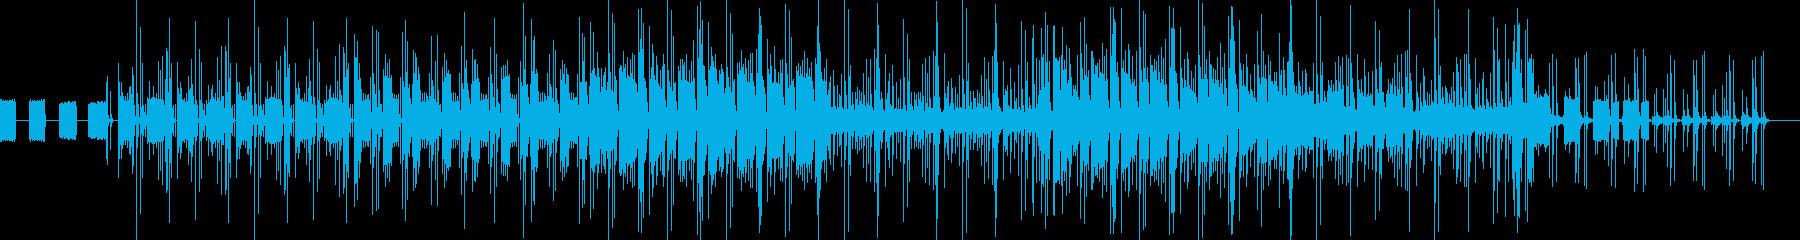 チルでメロウなR&Bの再生済みの波形